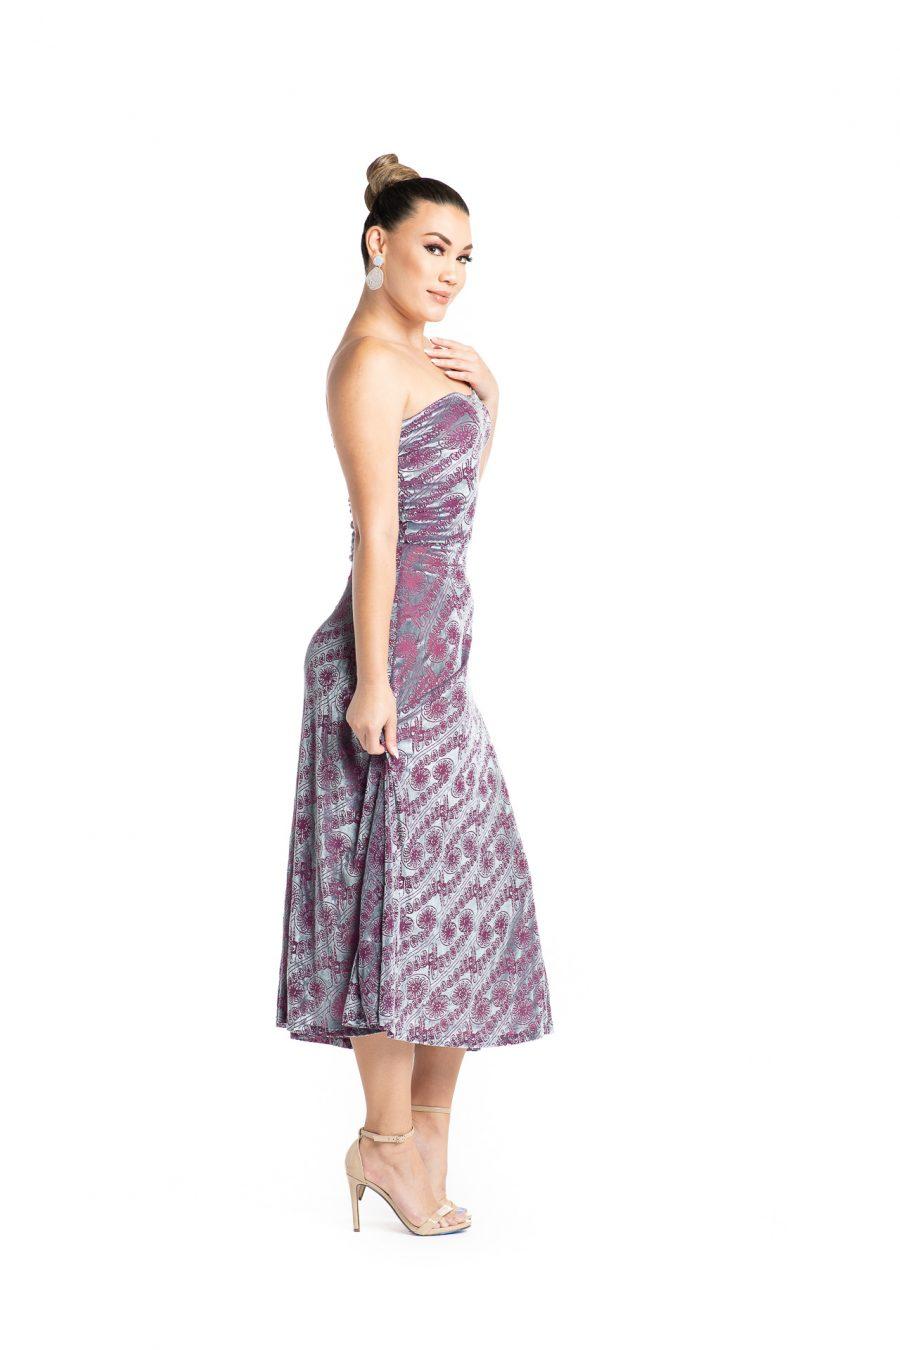 Model wearing Lahela Skirt in Pixiie Purple Amau - Side View